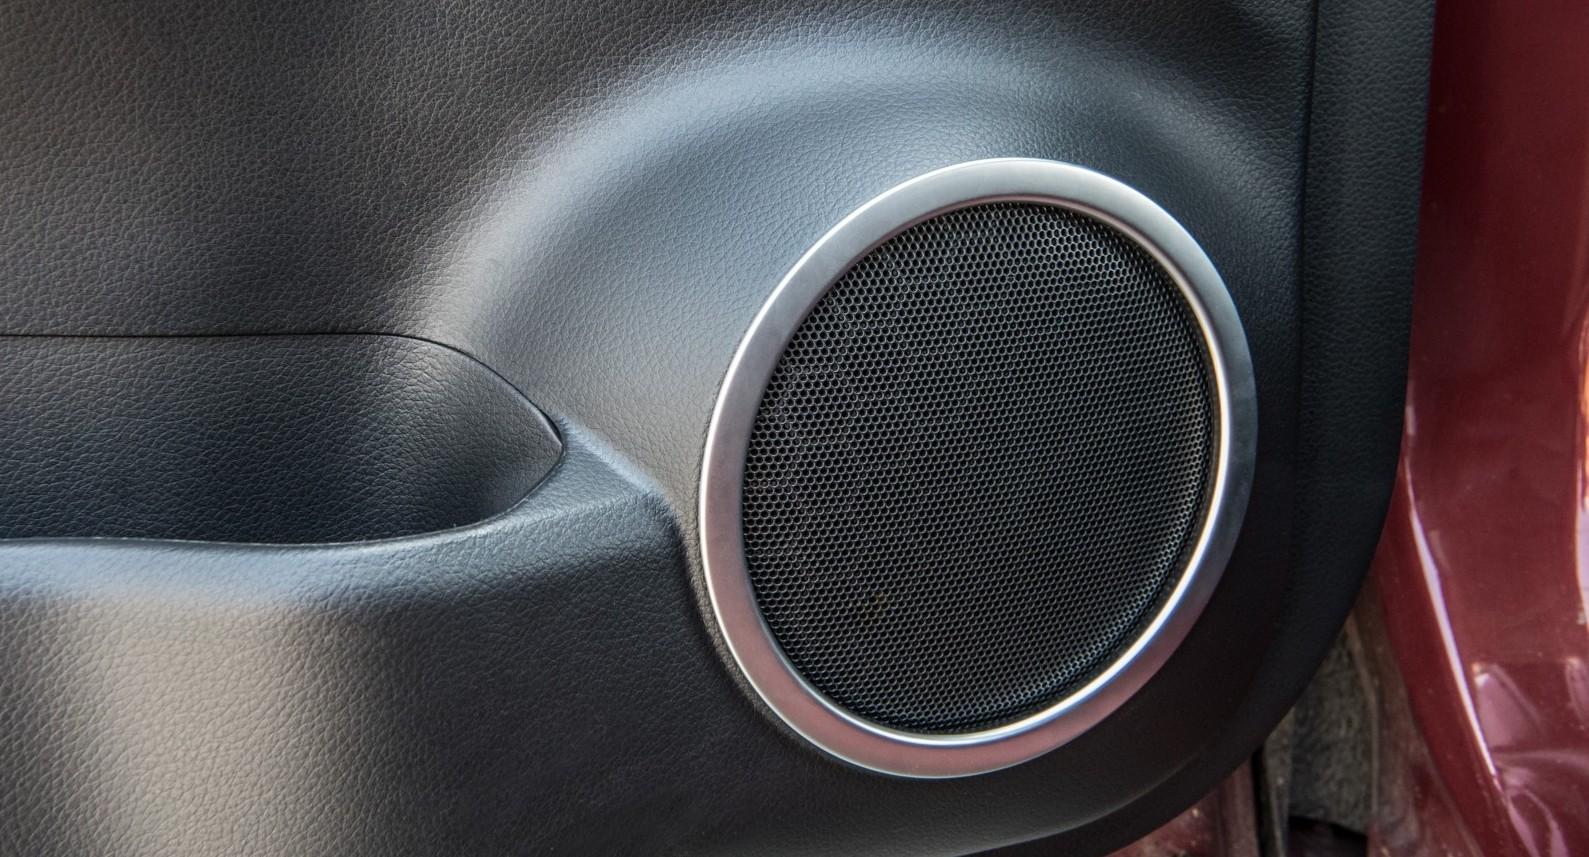 накладки на колонки в авто